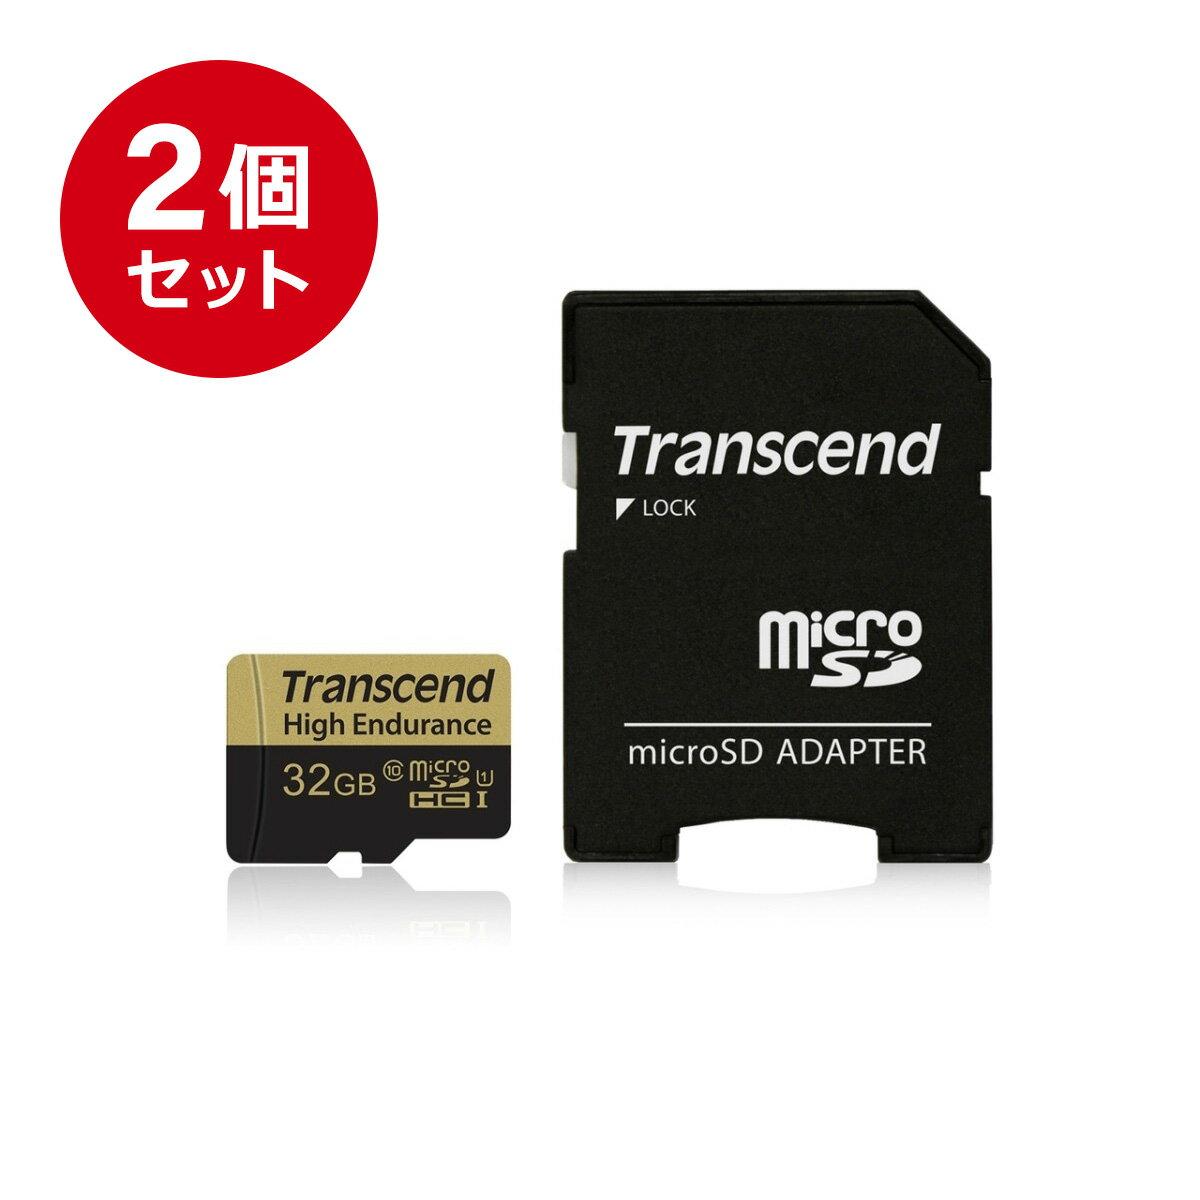 【4月25日値下げしました】【まとめ割 2個セット】Transcend microSDカード 32GB 高耐久 ドライブレコーダー向け Class10 2年保証 マイクロSD microSDHC クラス10 SDカード変換アダプタ付 入学 卒業[TS32GUSDHC10V]【ネコポス専用】【送料無料】